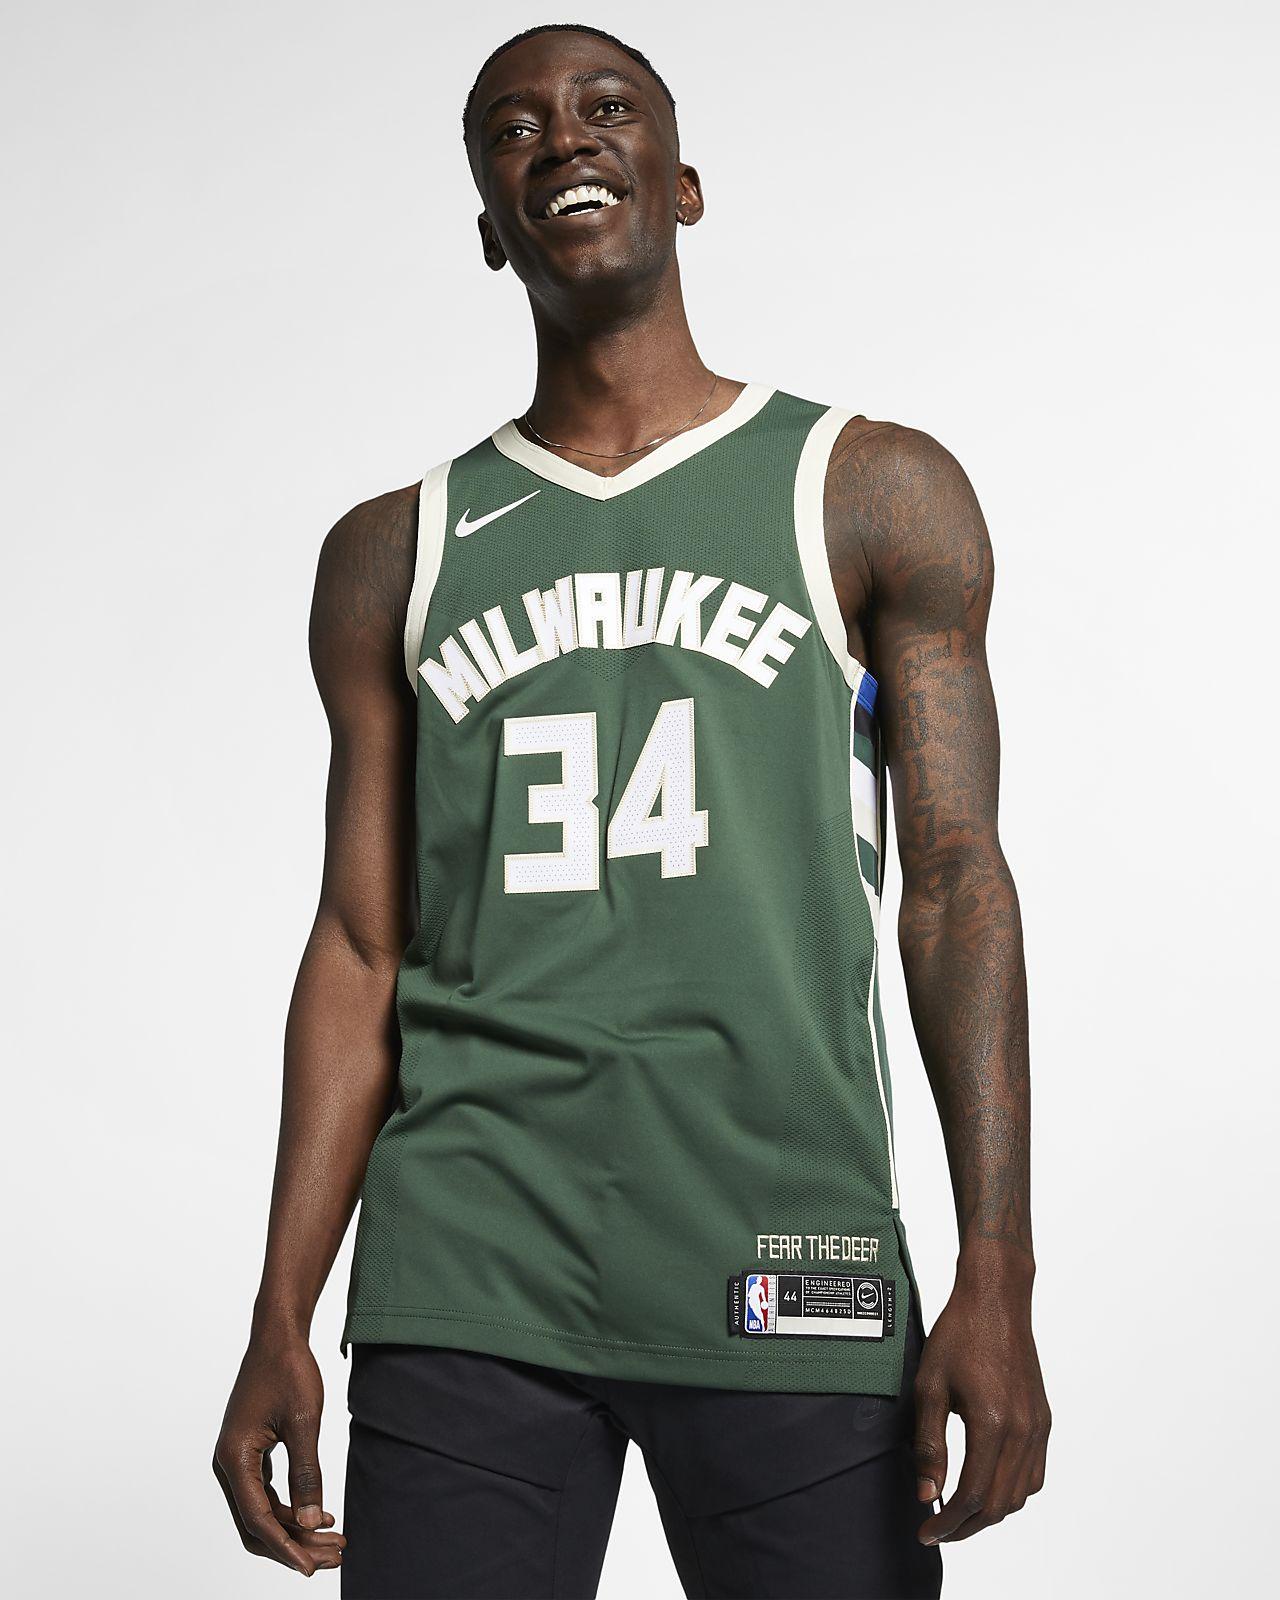 Camiseta Nike NBA Authentic Giannis Antetokounmpo Bucks Icon Edition